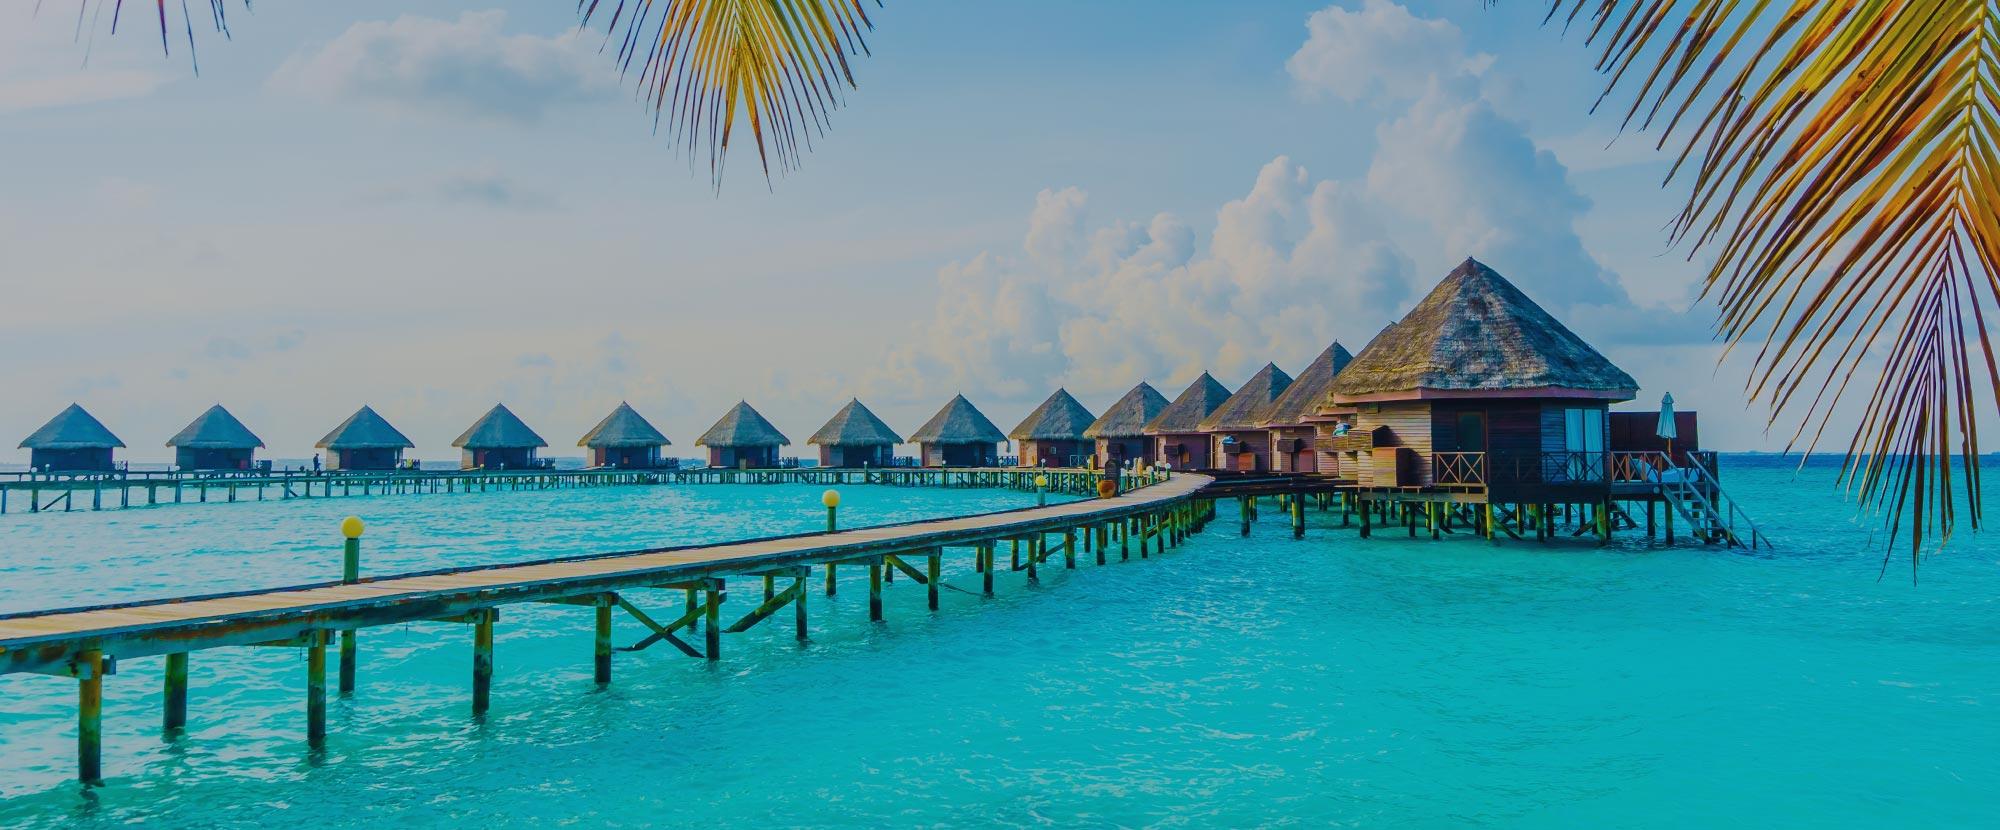 Viajes a Sri Lanka y Maldivas